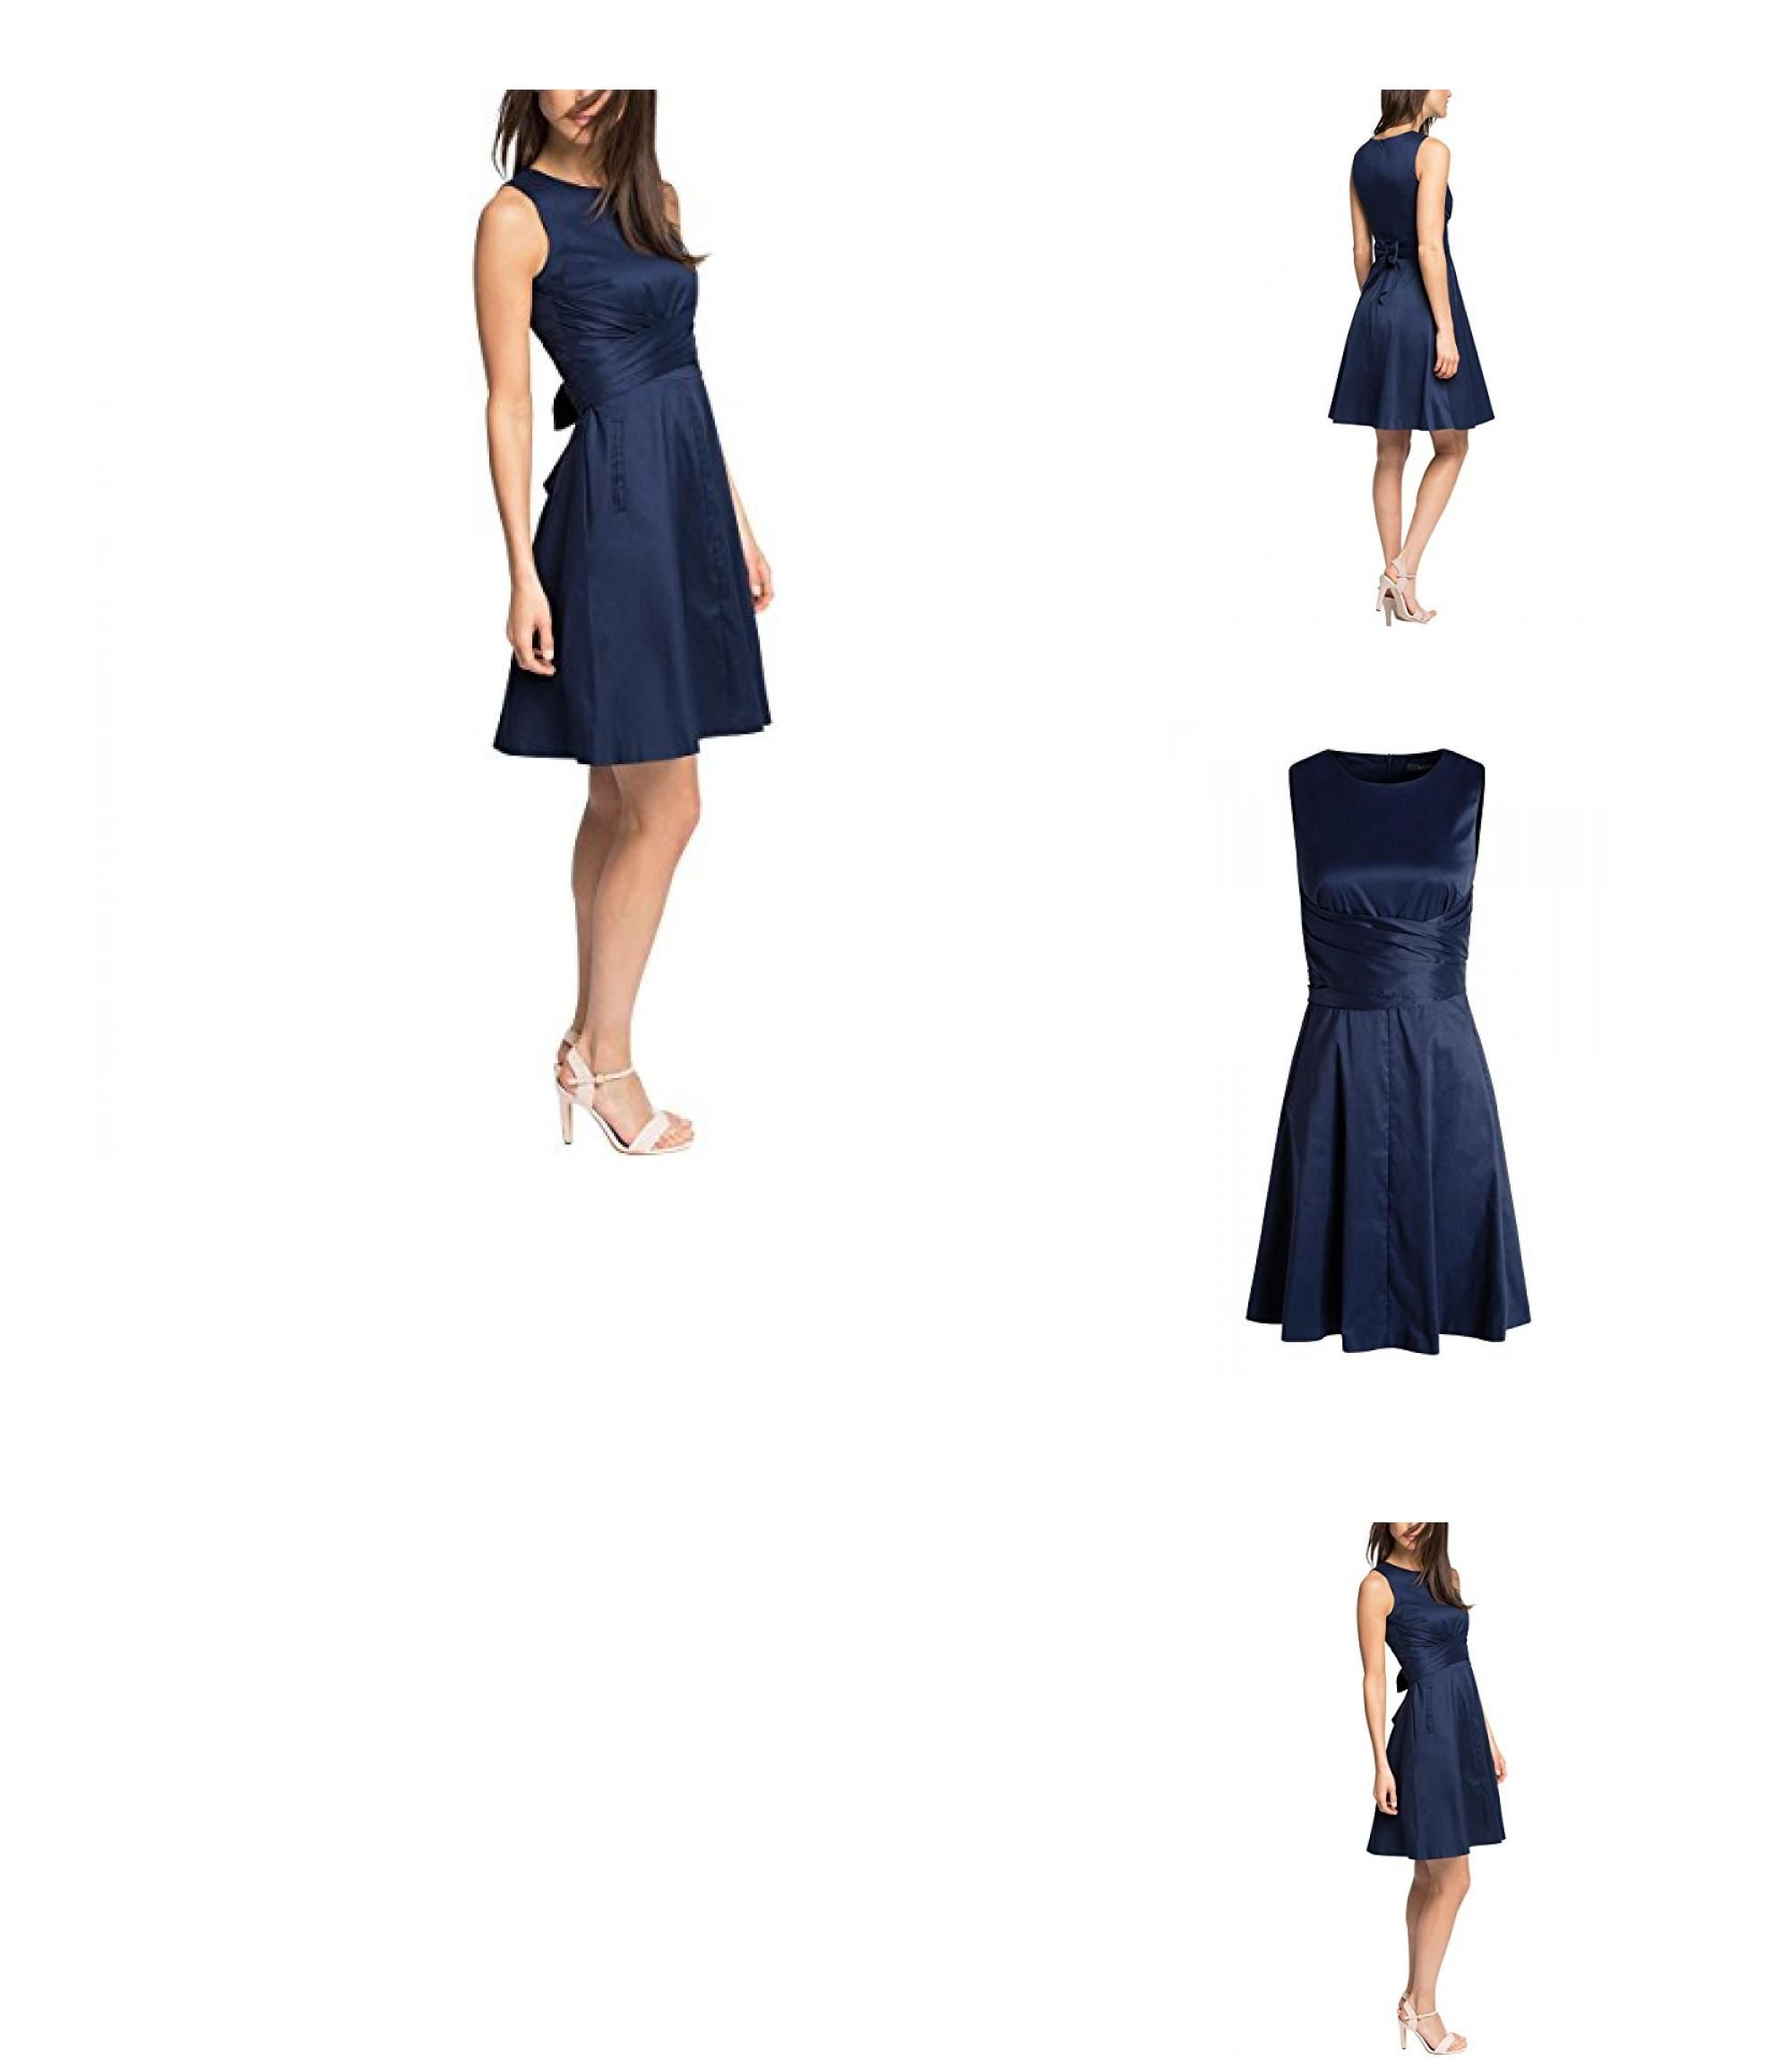 4056896224637 | #ESPRIT #Collection #Damen #A-Linie #Kleid mit #seidigem #Glanz, #Knielang, #Gr. #34, #Blau #(NAVY #400)